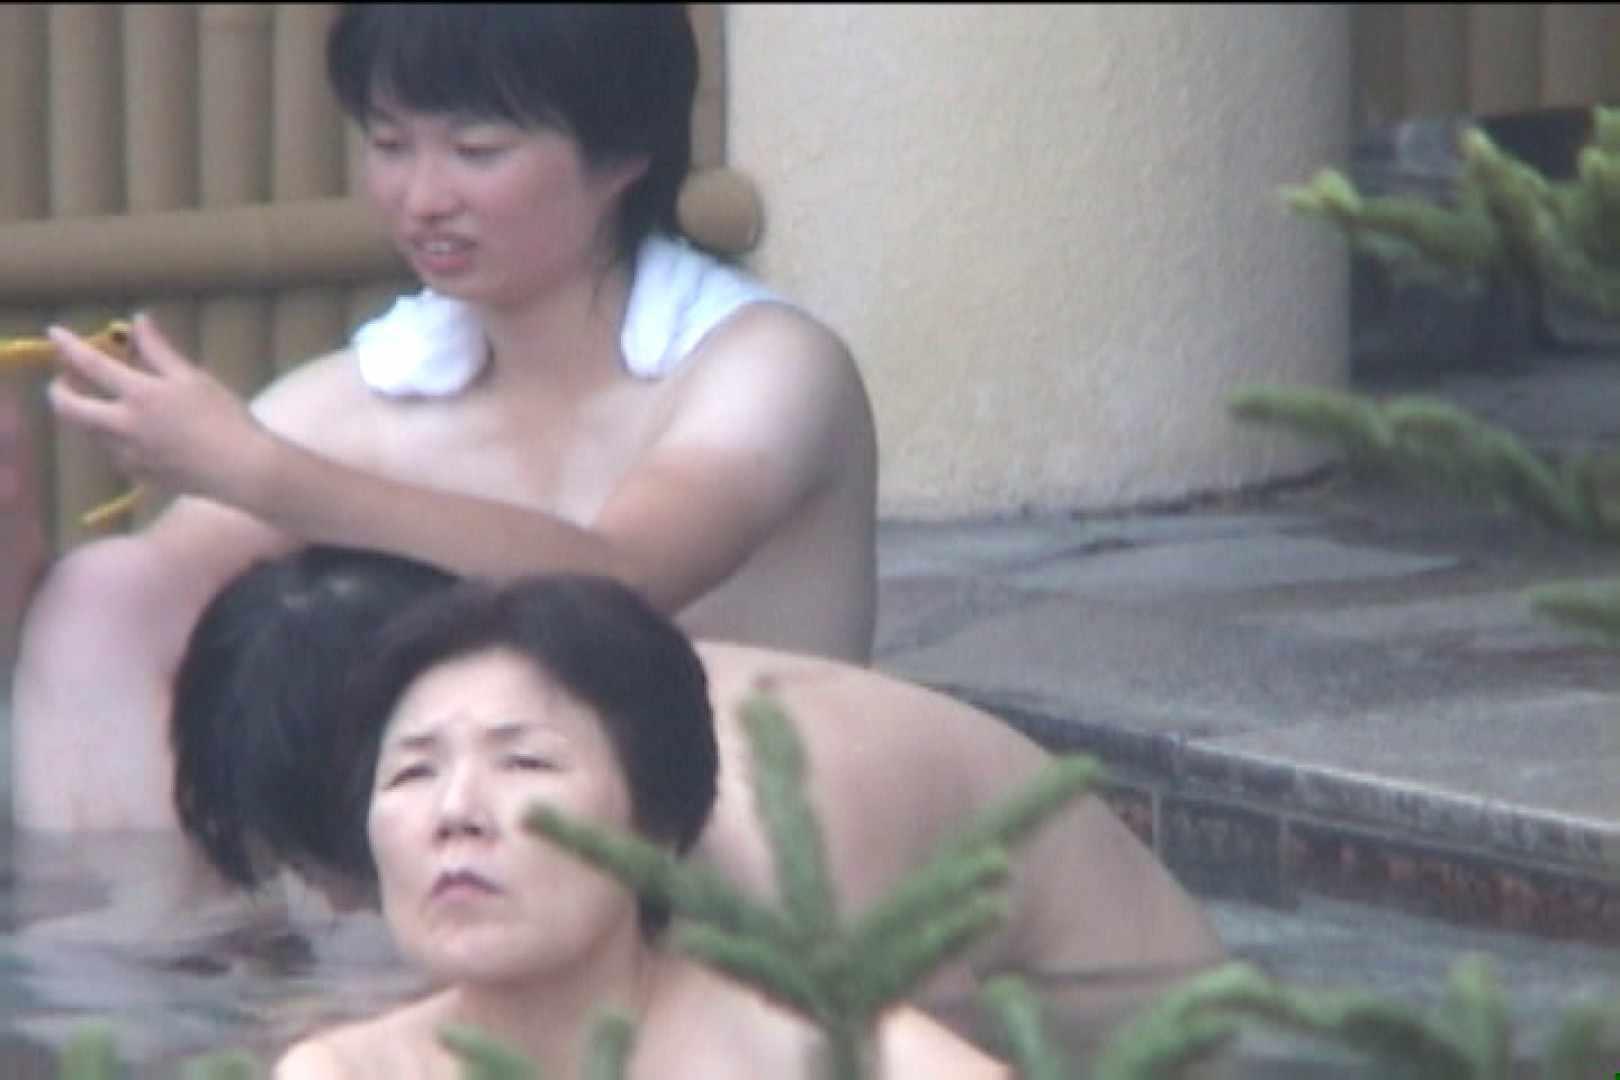 Aquaな露天風呂Vol.99【VIP限定】 盗撮 | 露天  80pic 30